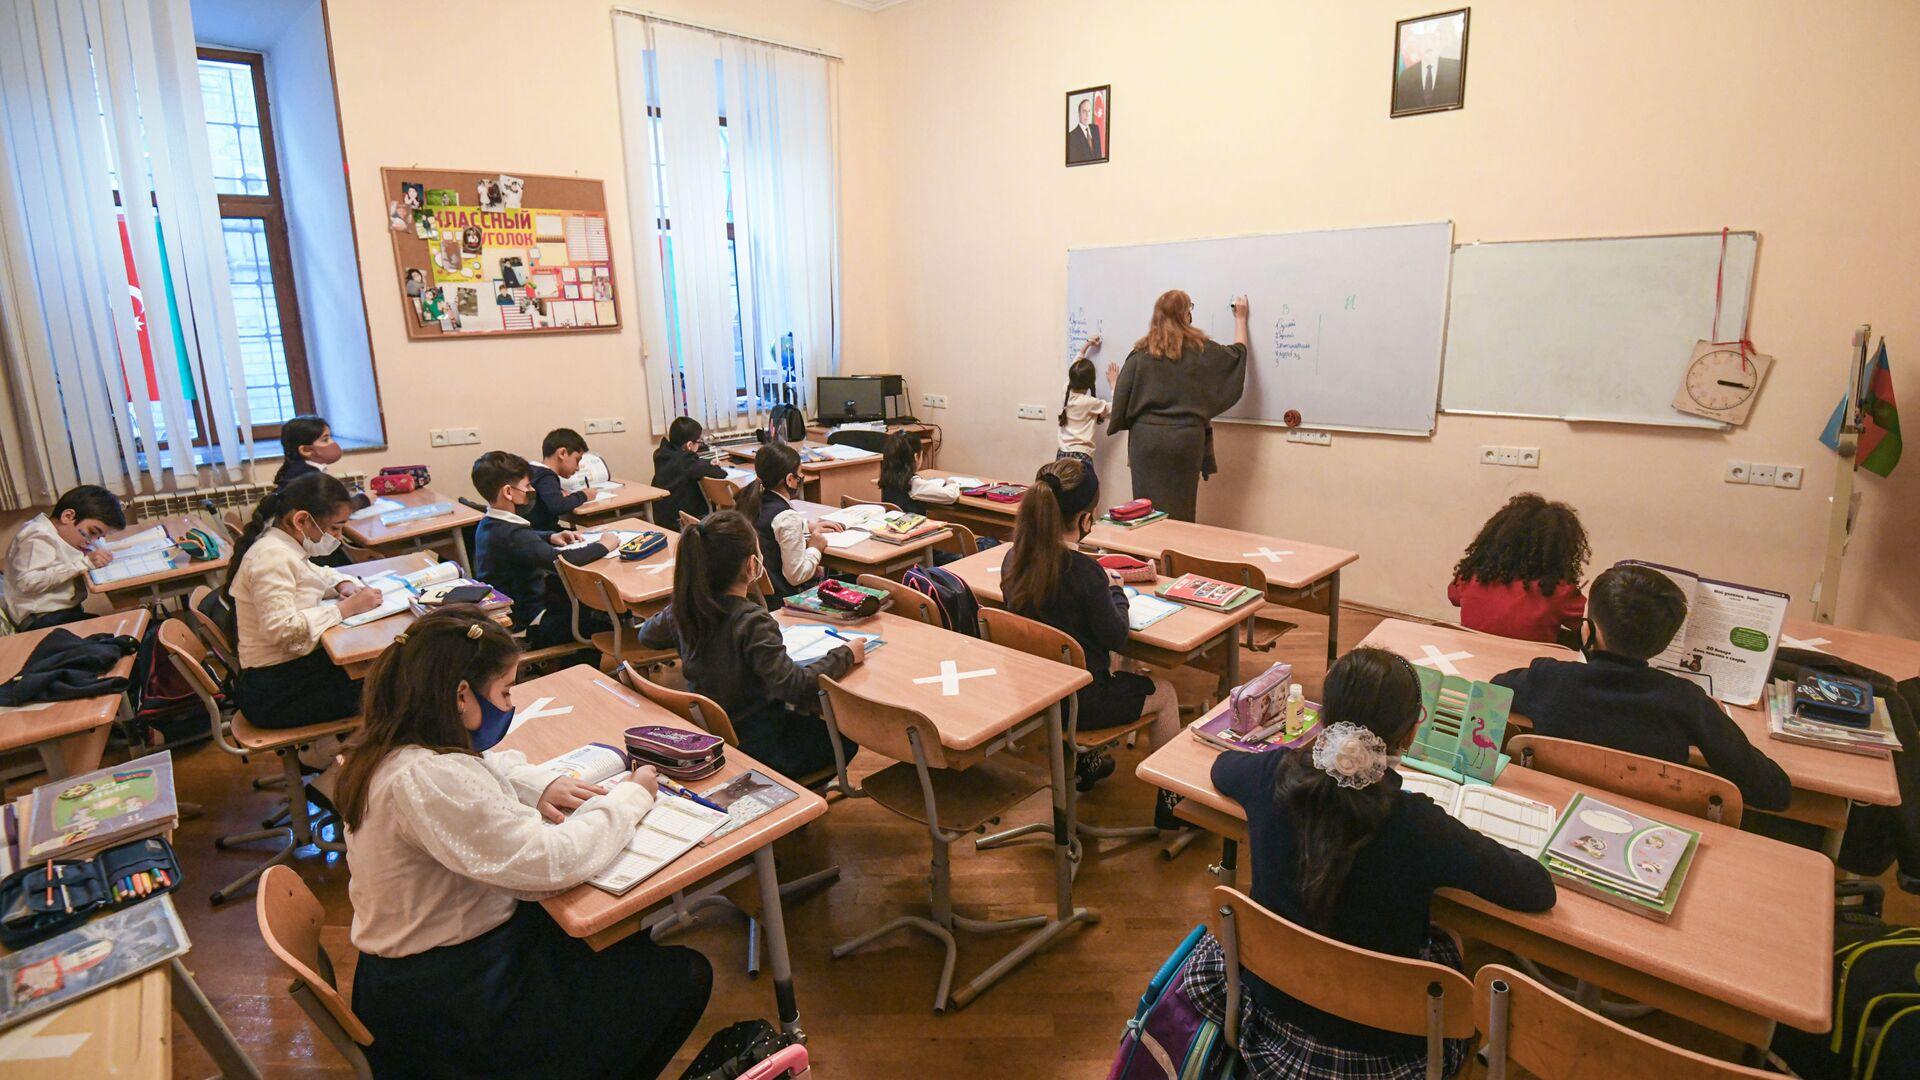 Возобновление очных занятий в бакинских школах, 1 февраля 2021 года - Sputnik Azərbaycan, 1920, 14.09.2021